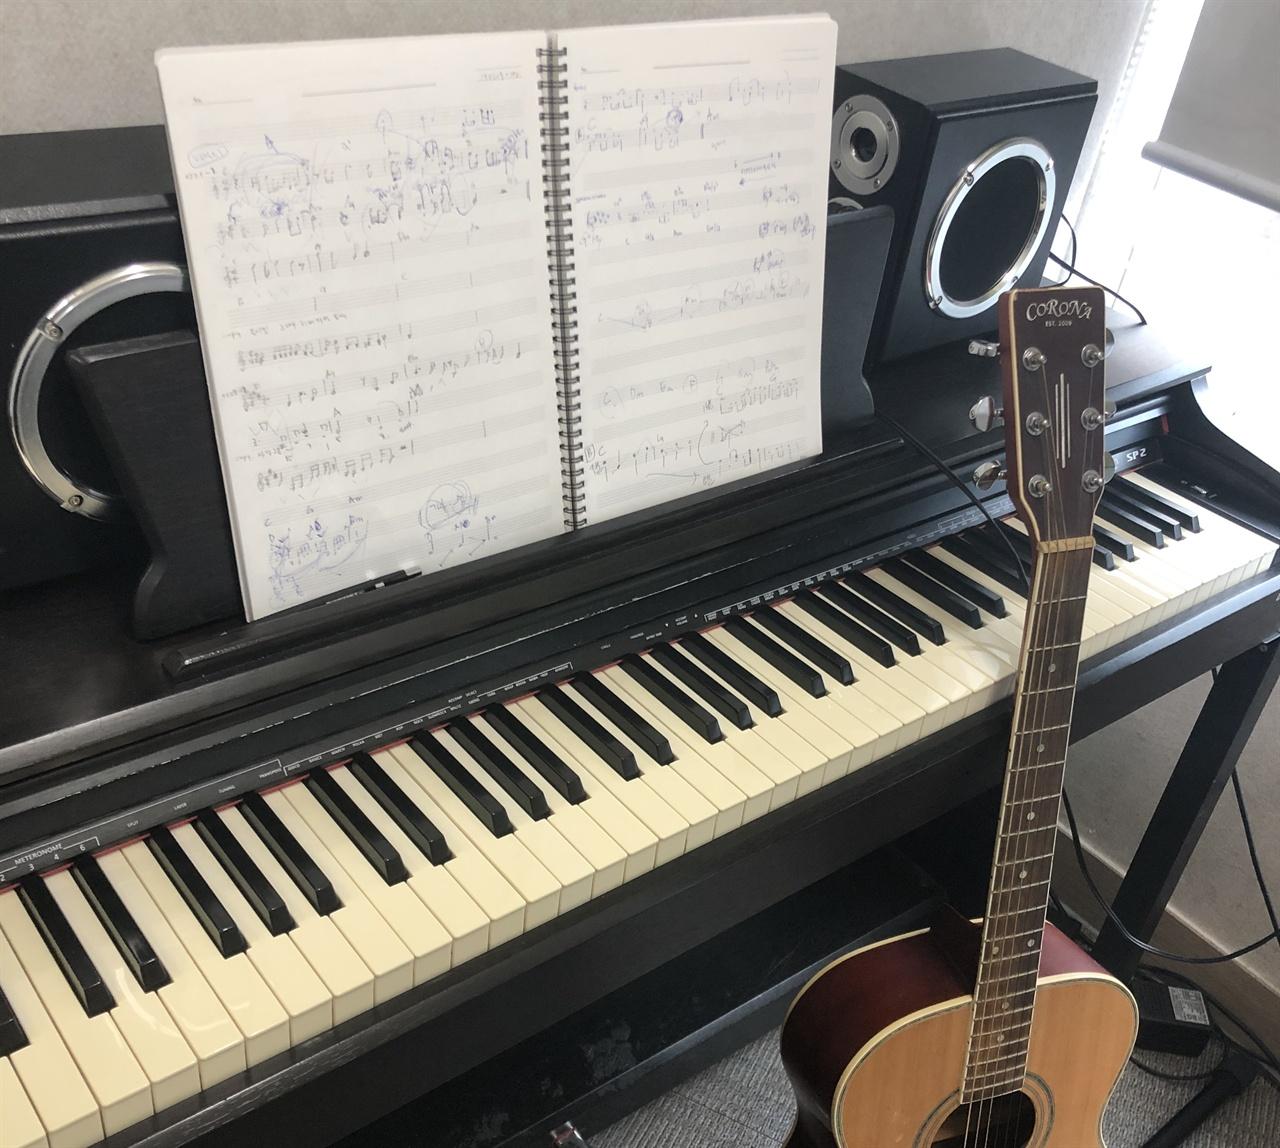 작곡 레슨 전 연습실 연습실에서 작곡 숙제와 악보 그리는 연습을 한다.